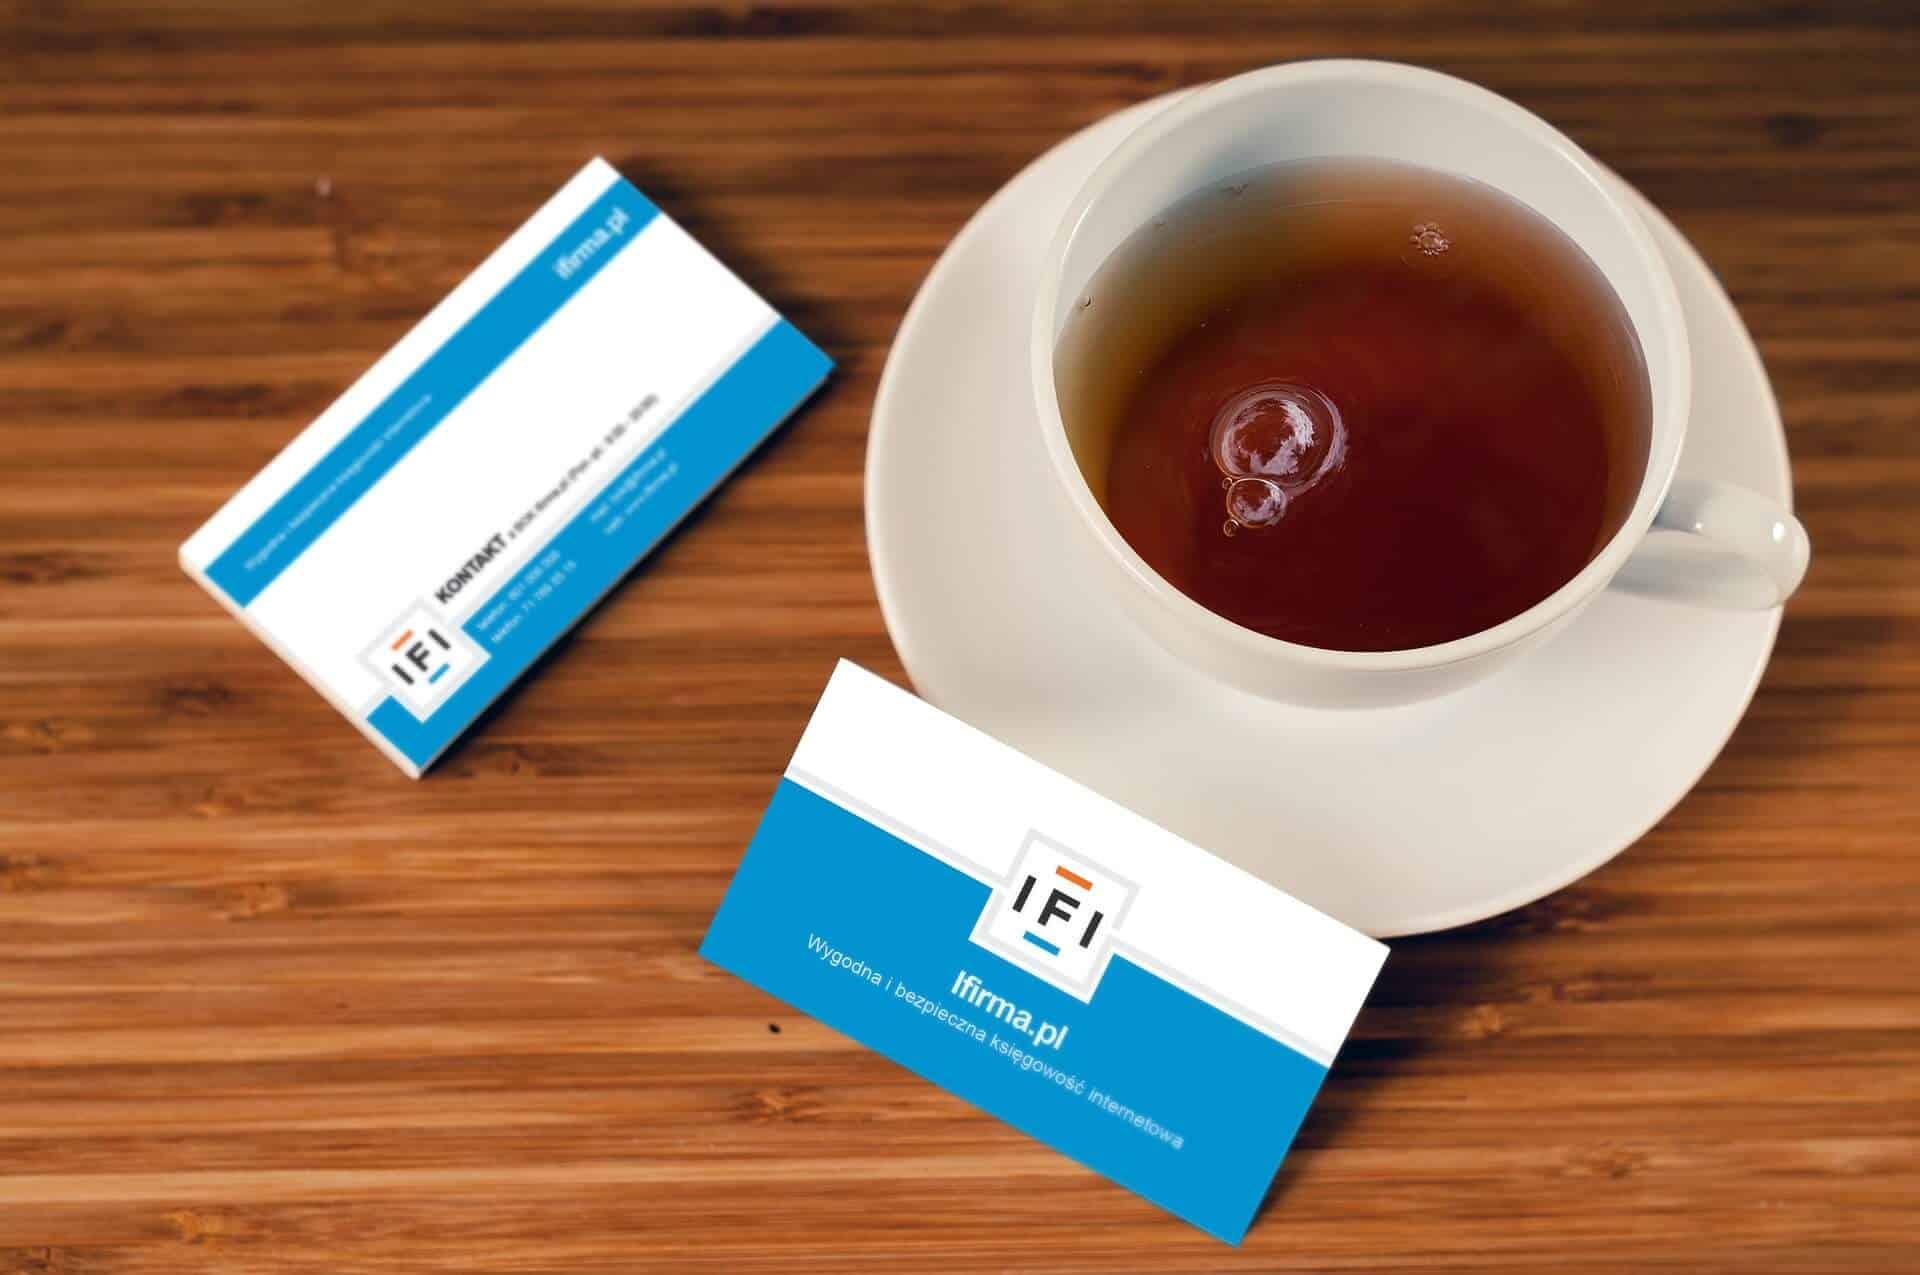 כוס תה עם כרטיסי ביקור